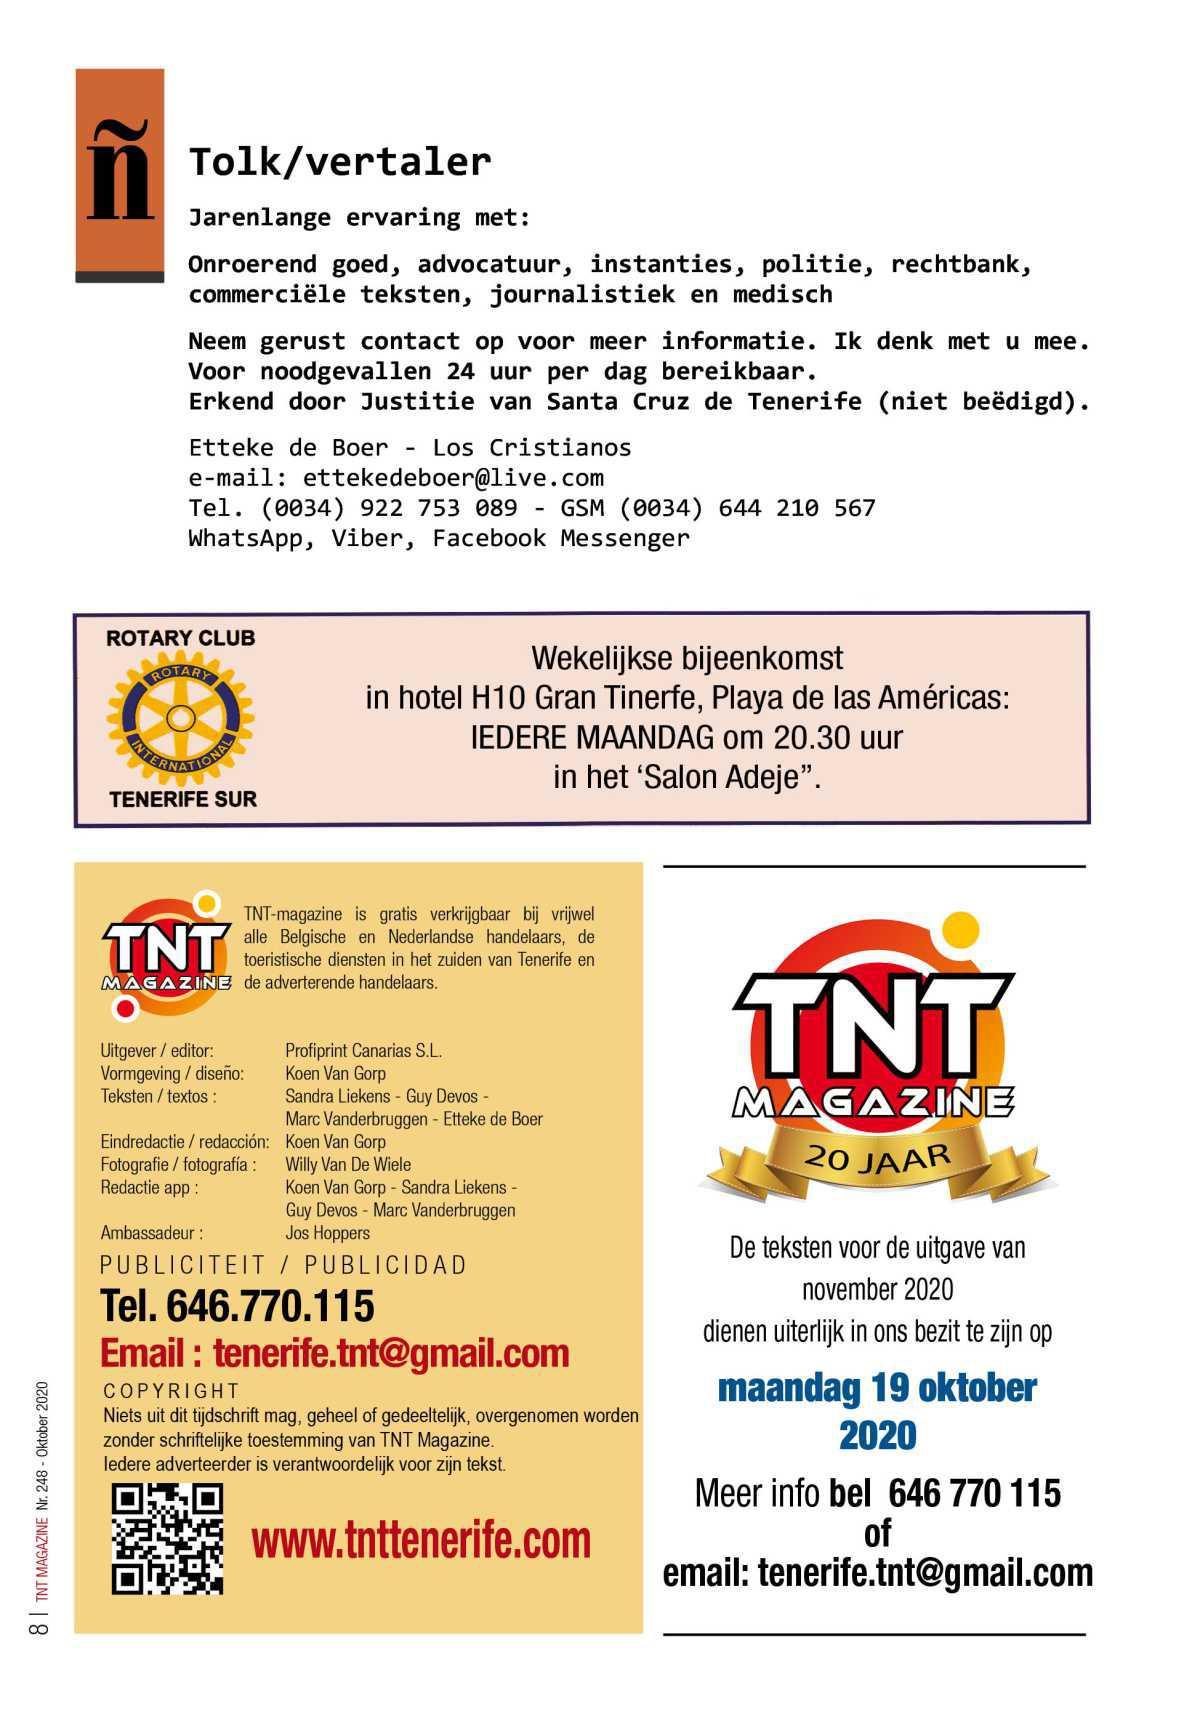 TNT Magazine - oktober 2020 - digitale versie